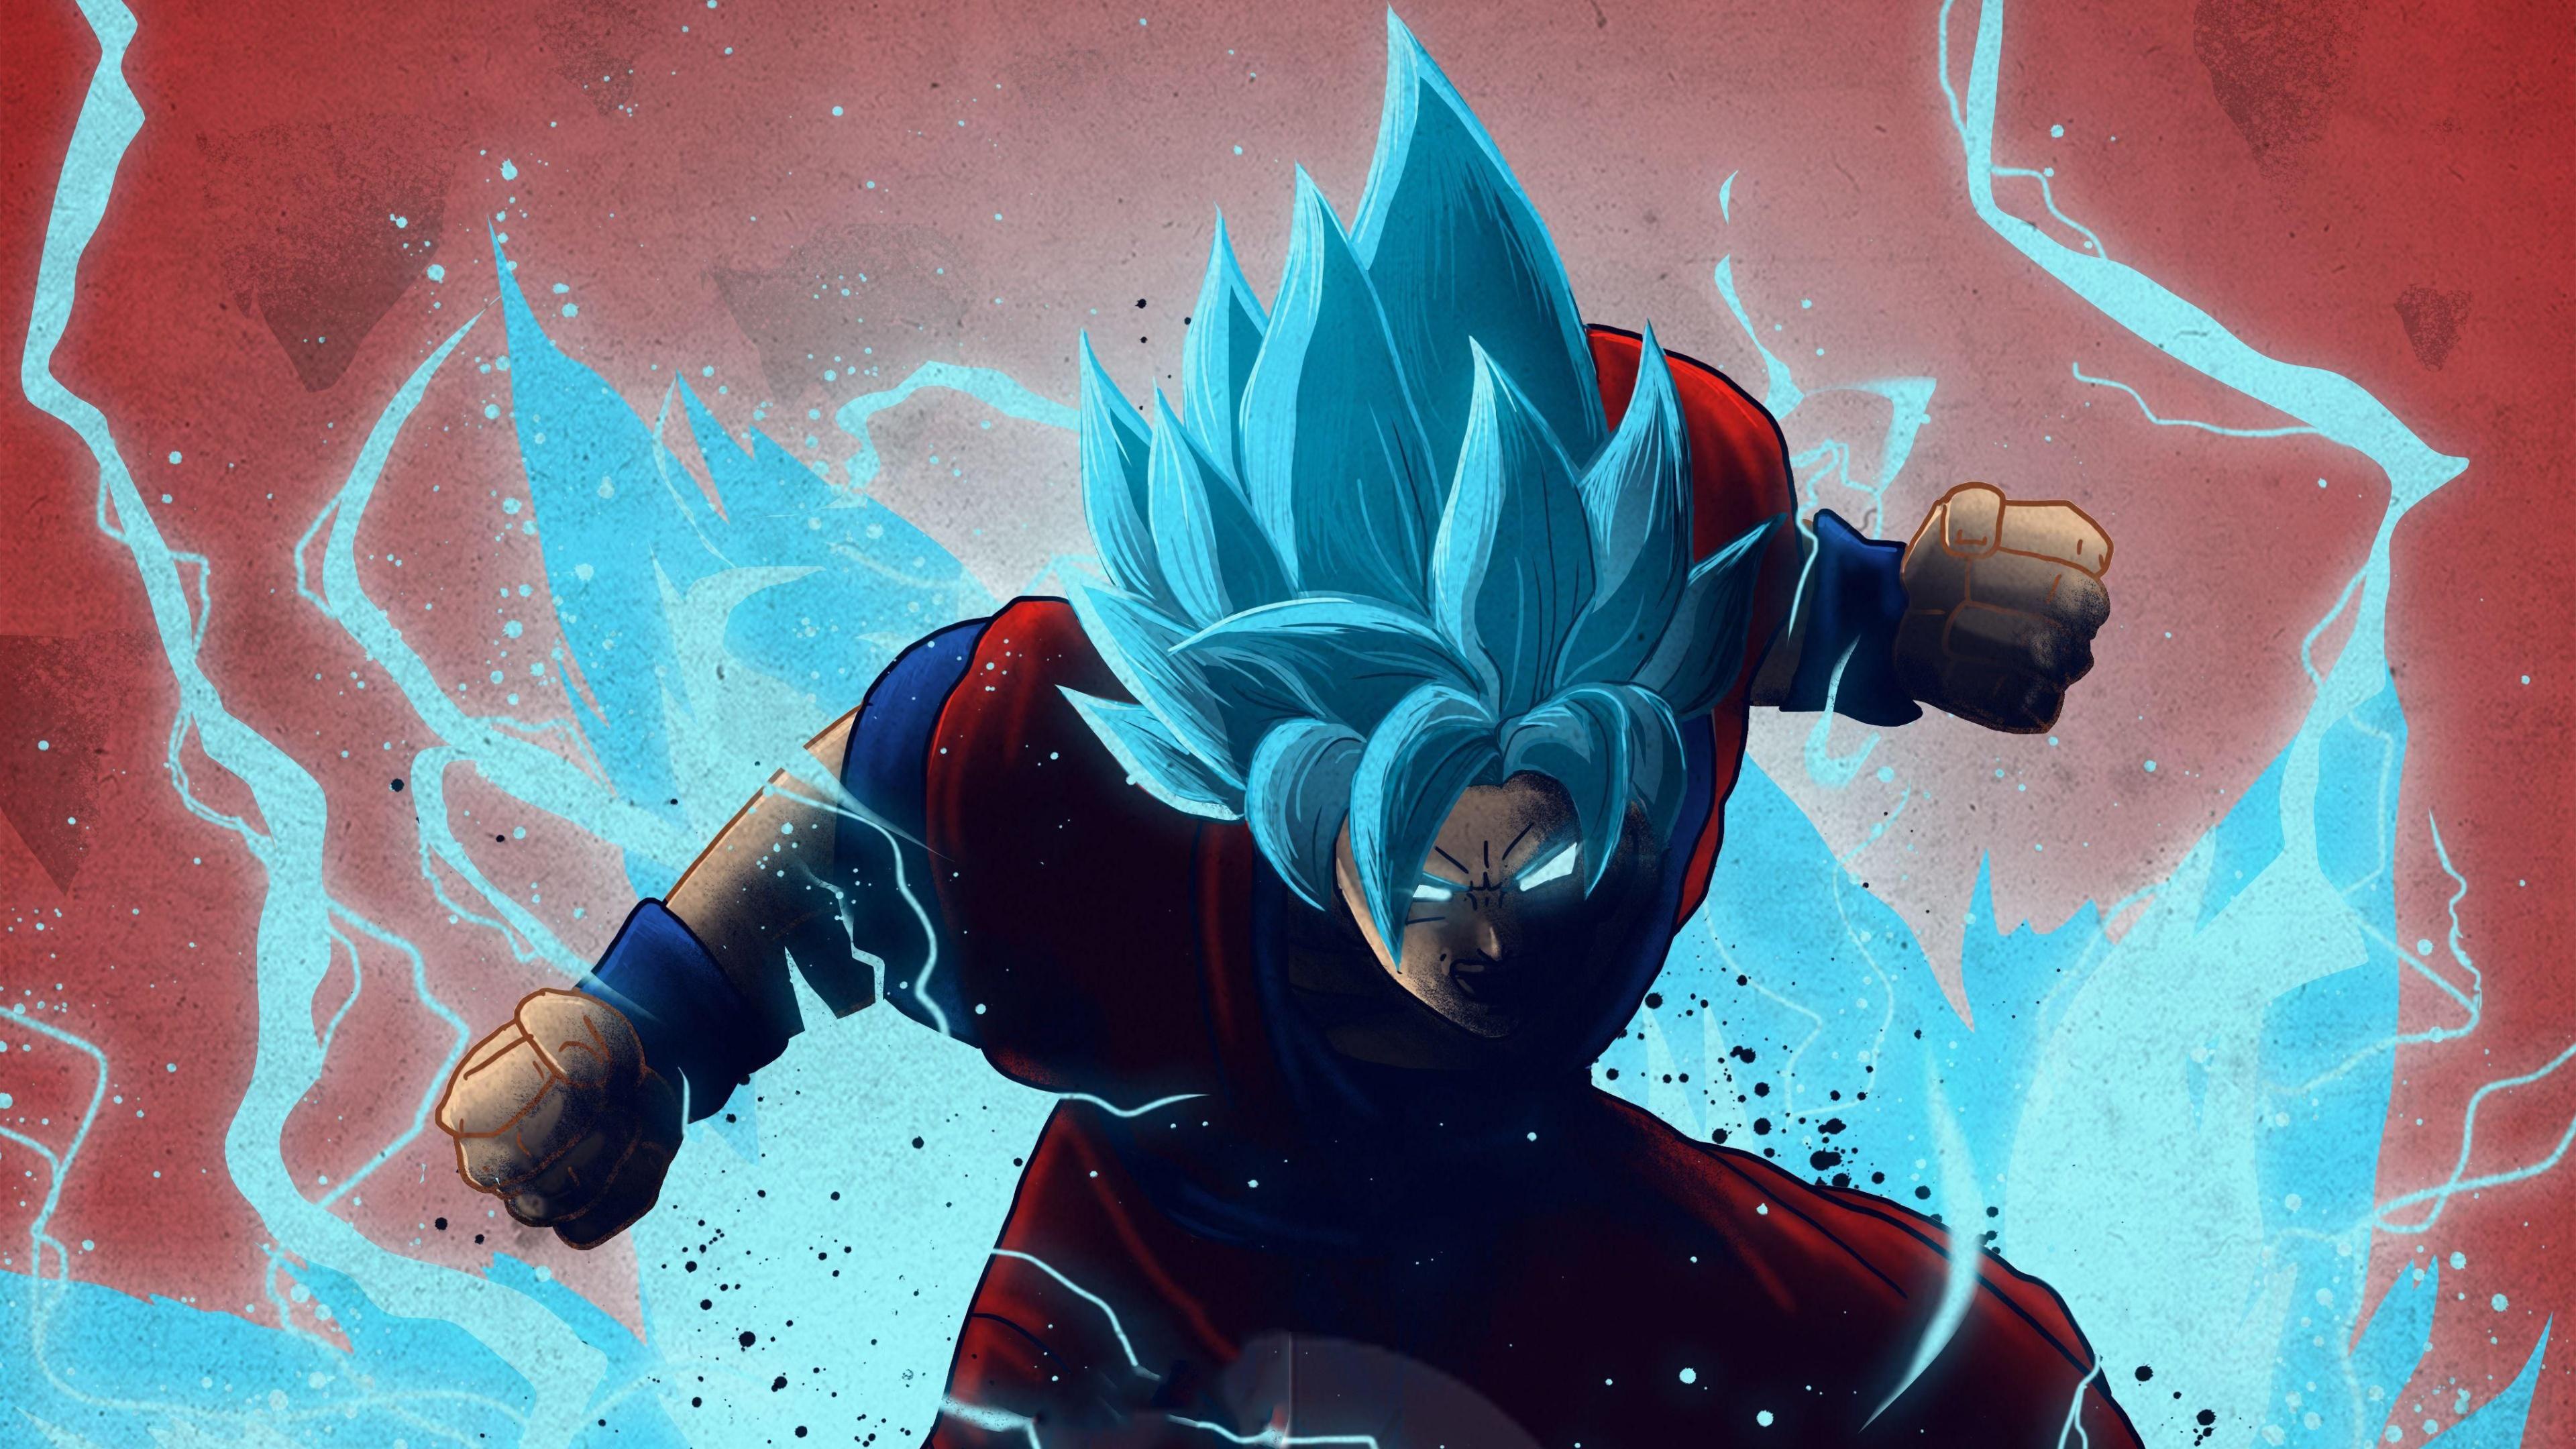 Goku computer background